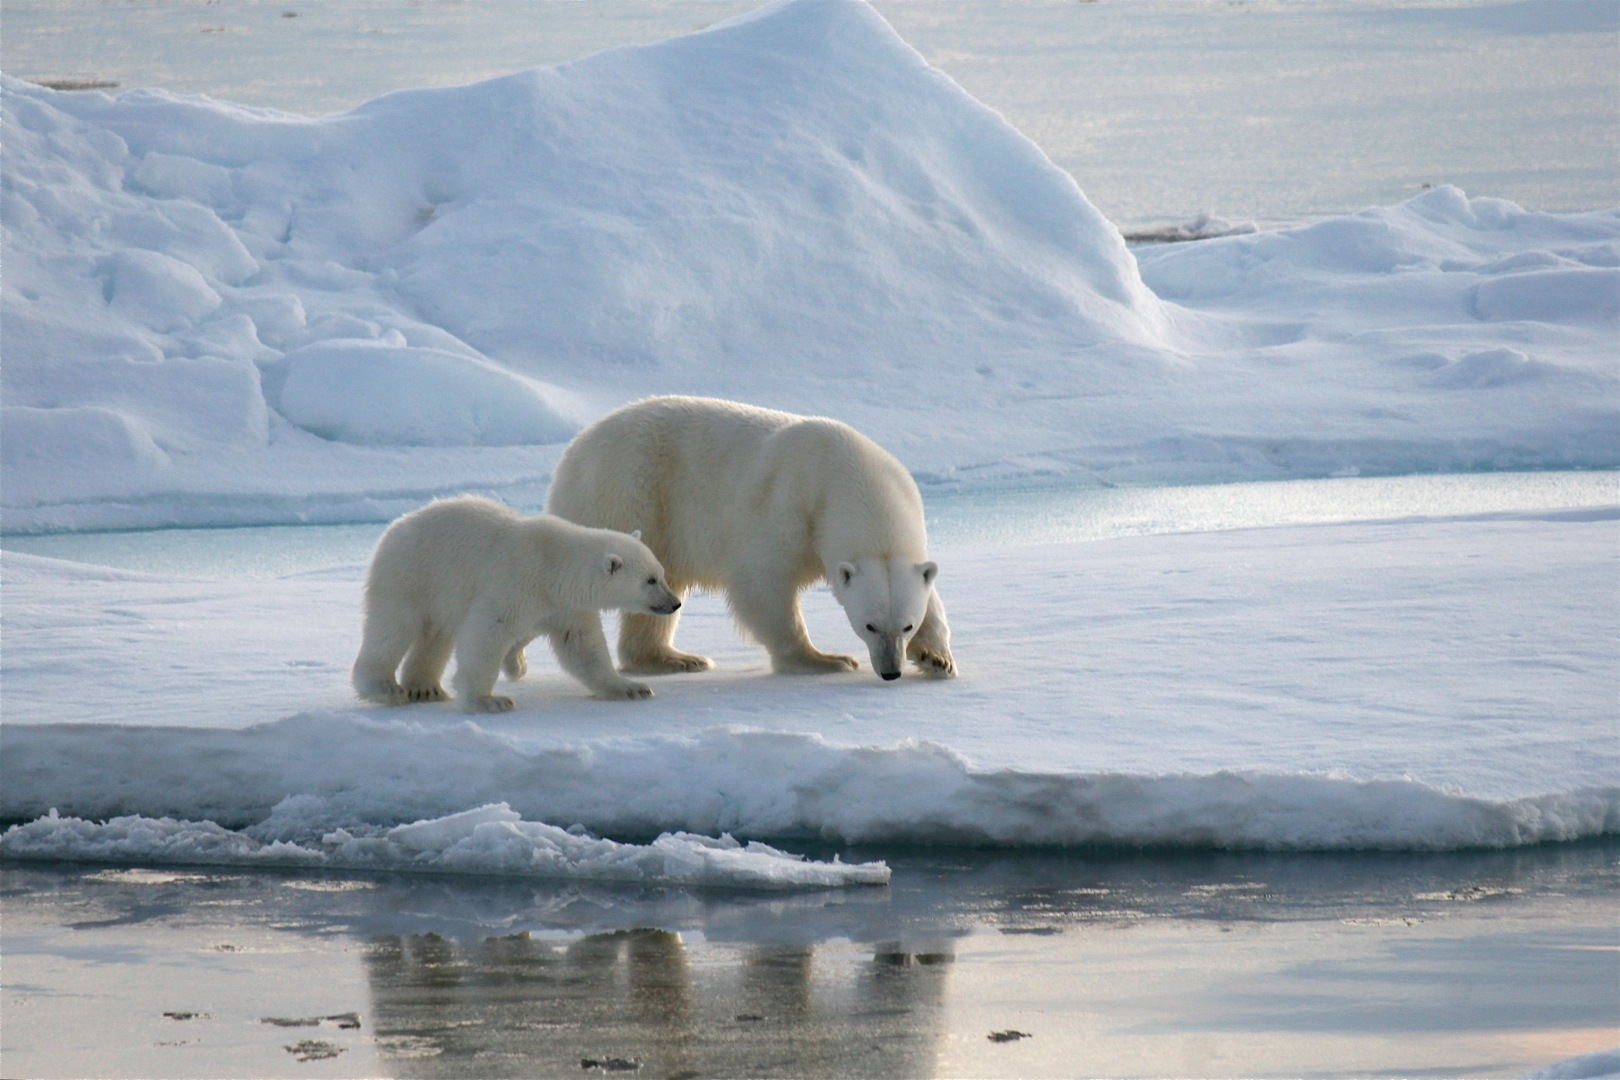 Artico: oltre 10mila anni fa presenti piante ricche di proteine